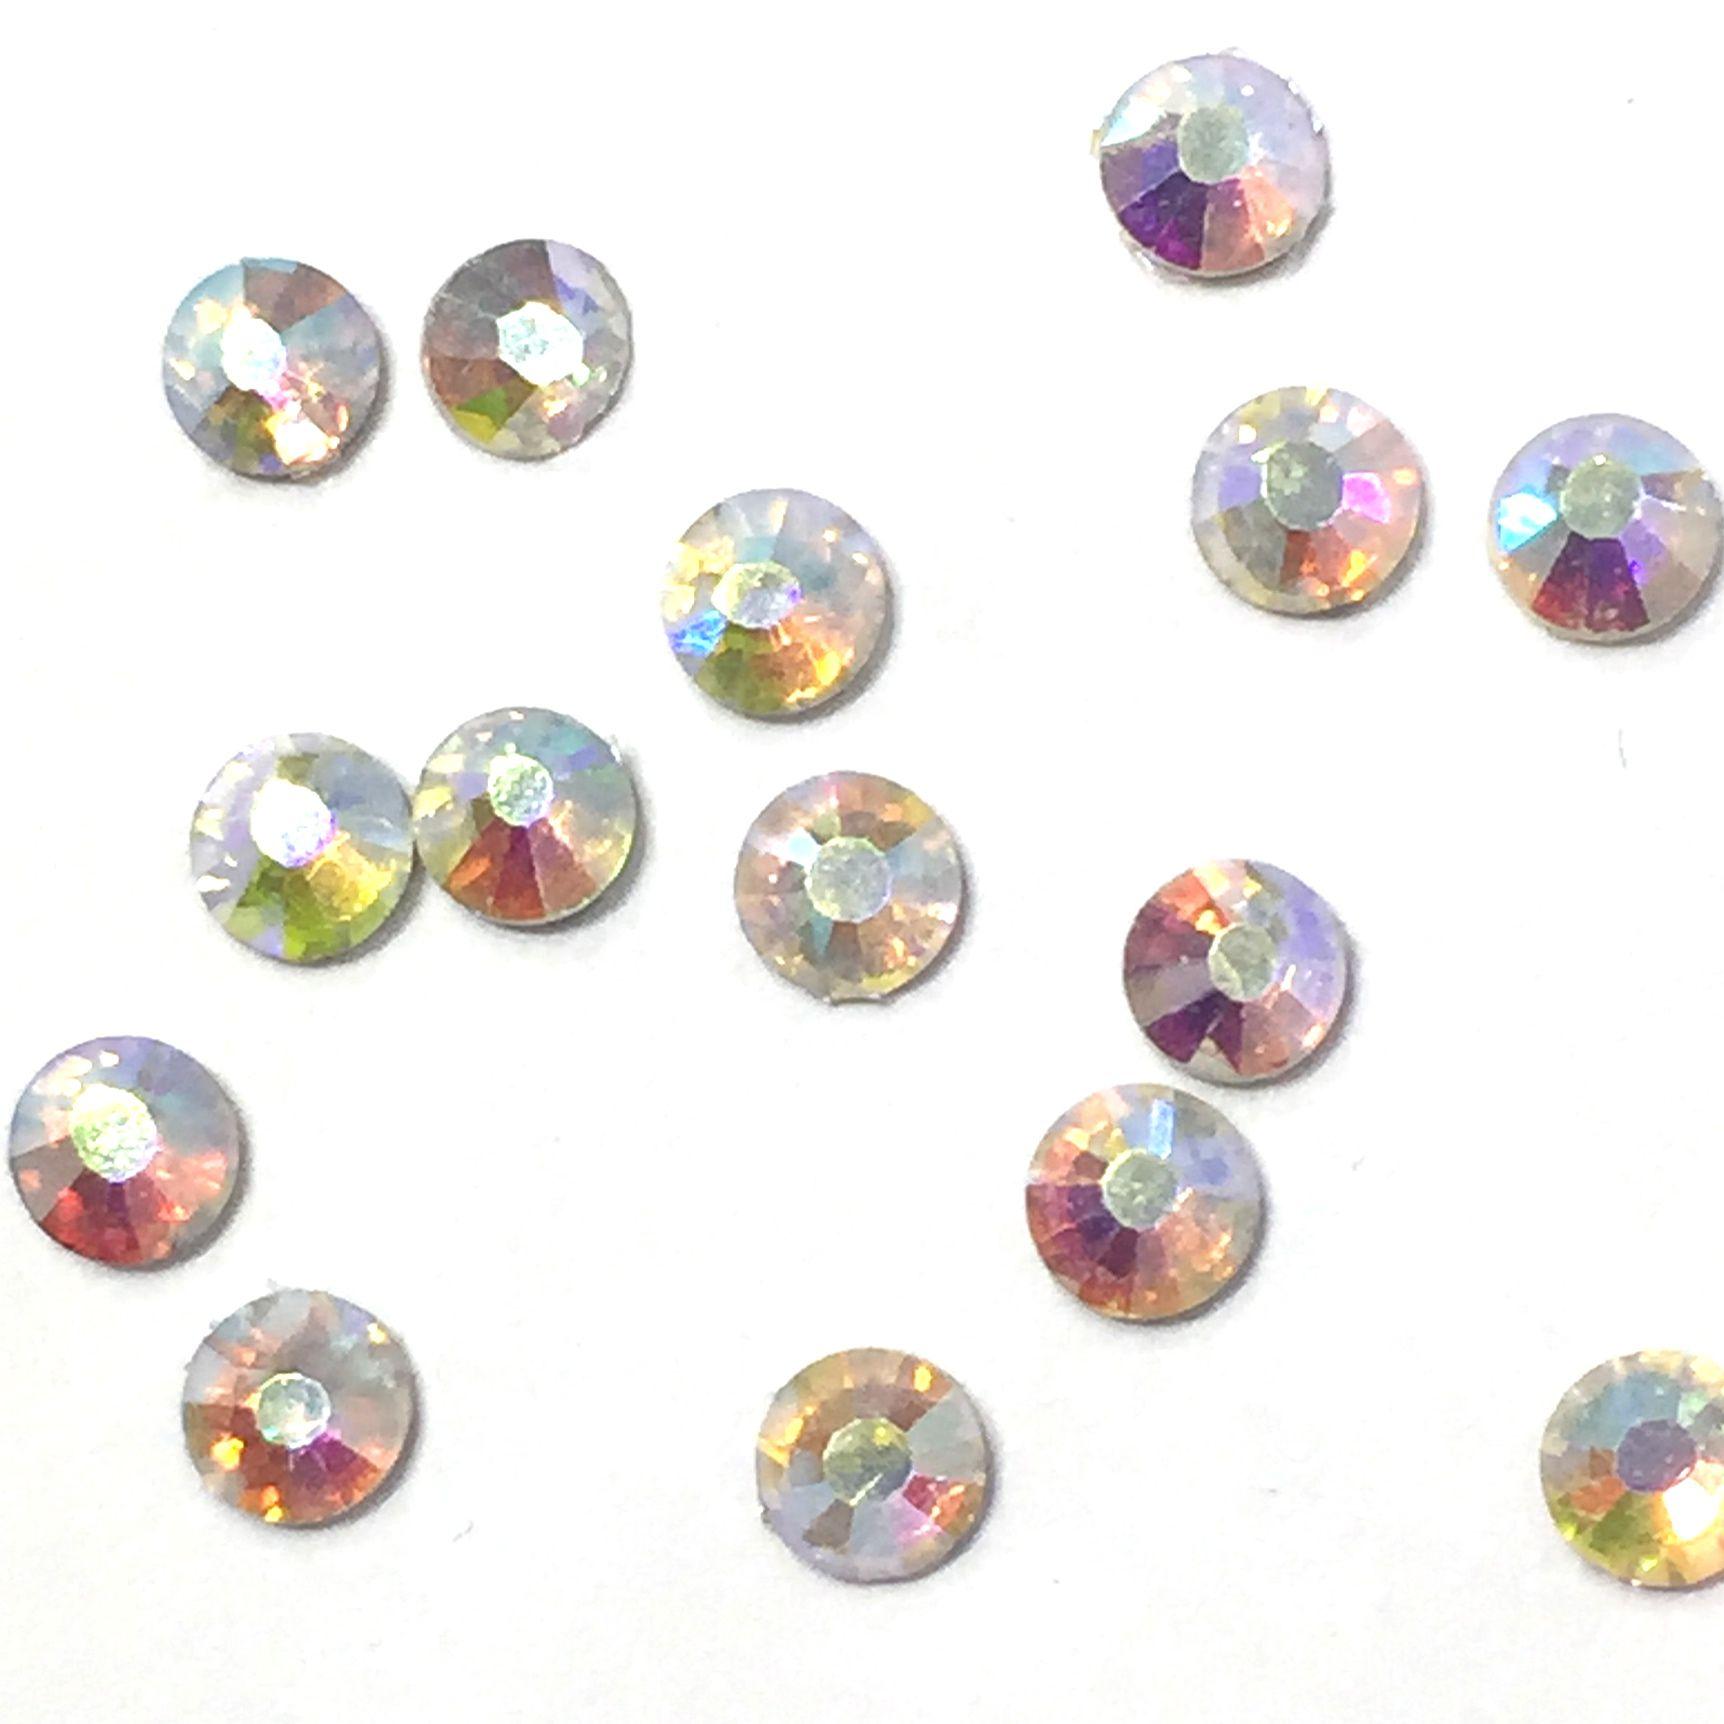 THERA ESTHETIQUE Grossiste En Produit Esthetique Bretagne Wholesale Pack 1440 Pieces Clear Crystal Flat Back Silver Foil Backing Size 20 5mm 12527 P 2